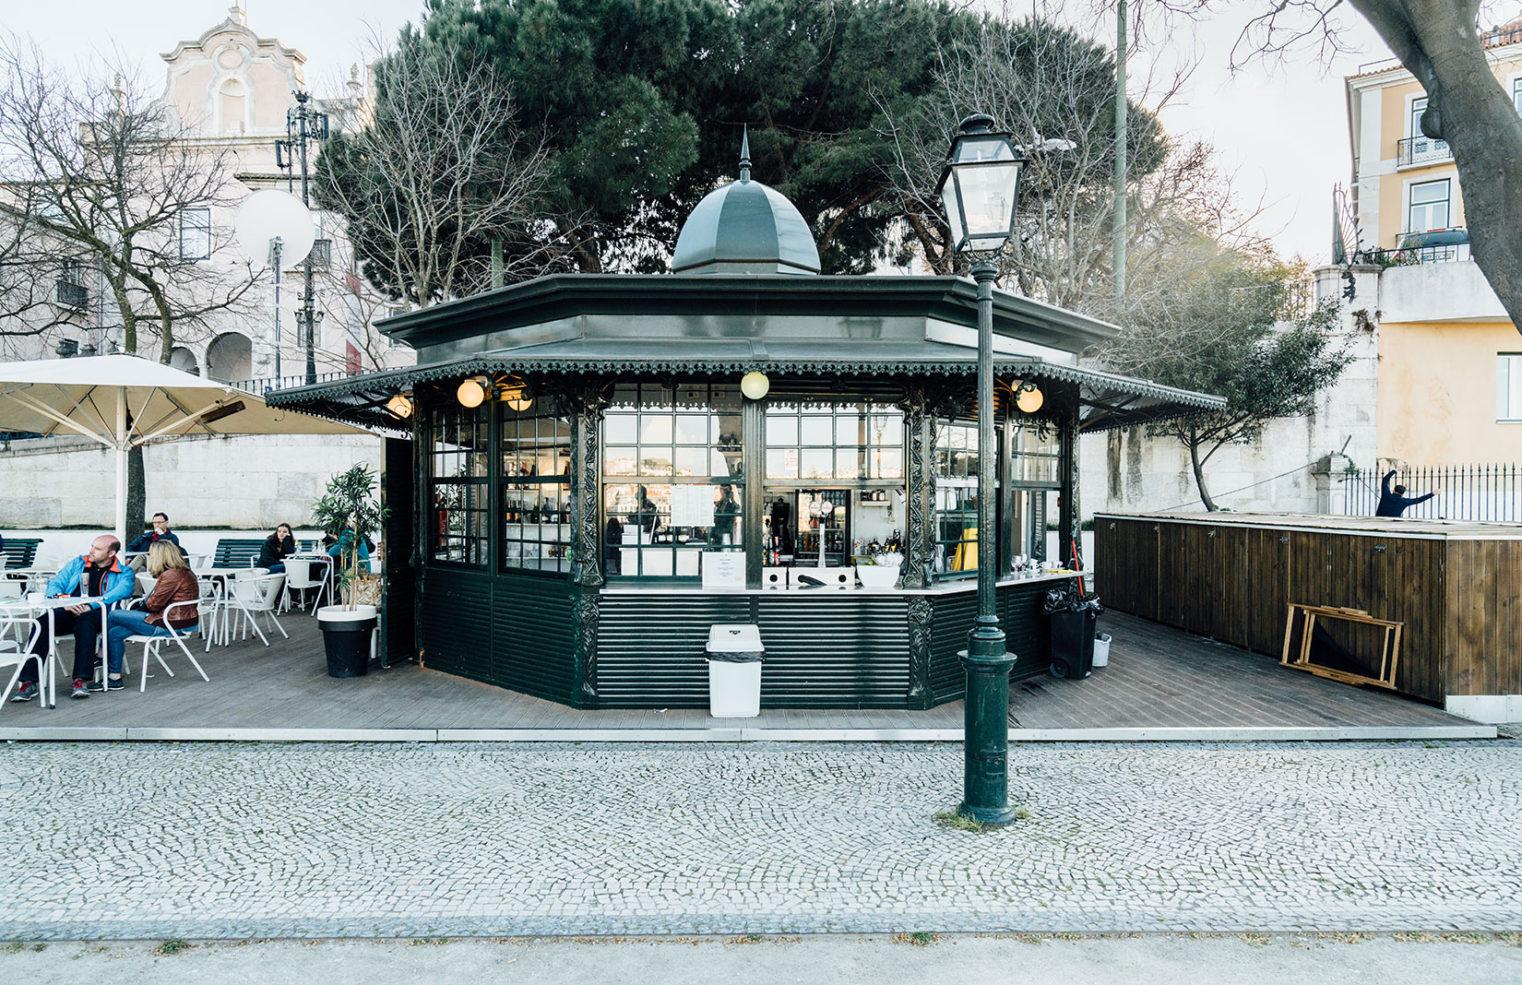 Lisbon-kiosks-richard-john-seymour-feature-1522x985.jpg